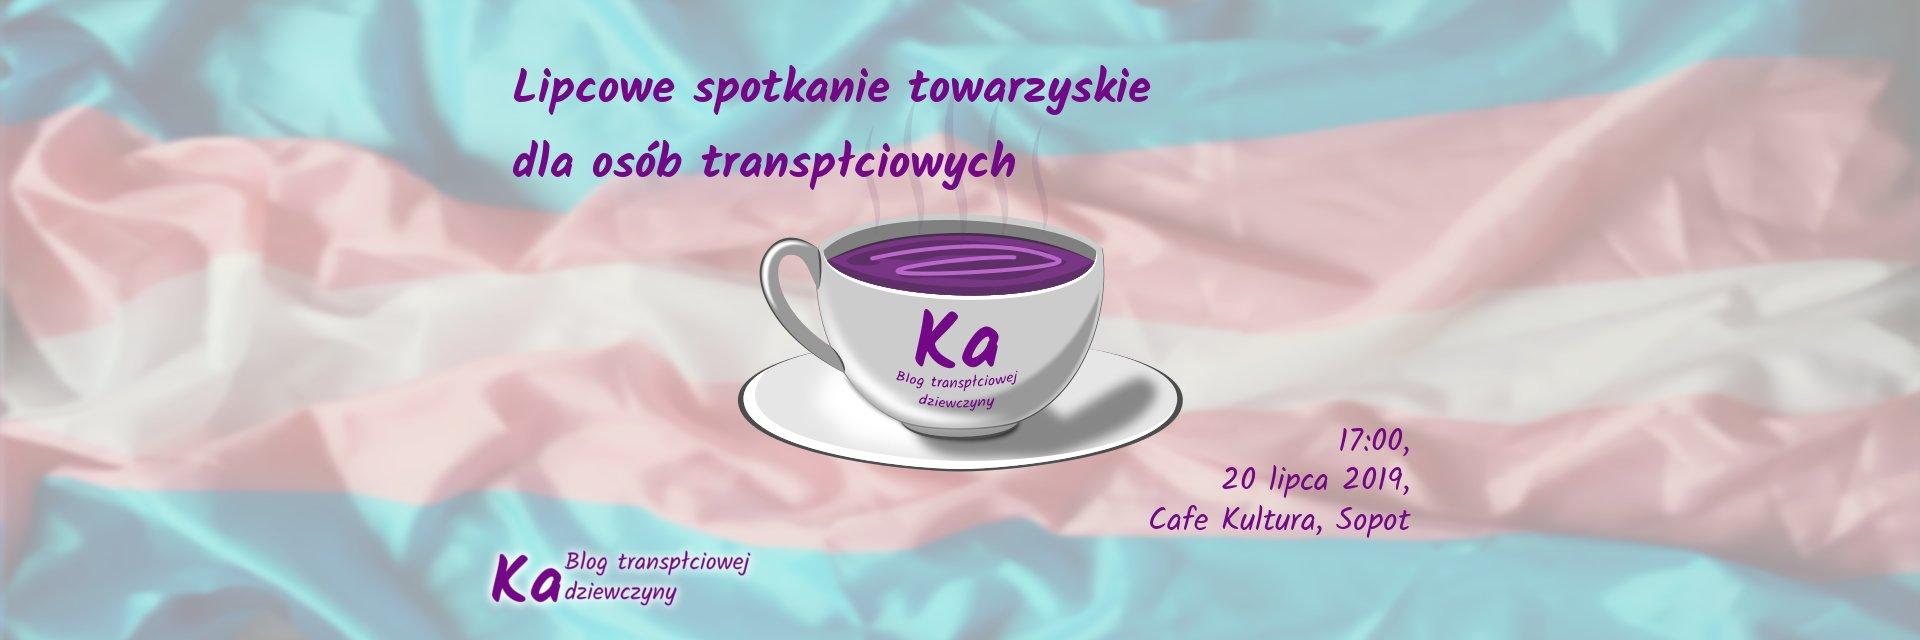 Lipcowe spotkanie towarzyskie dla osób transpłciowych, Cafe Kultura, Sopot